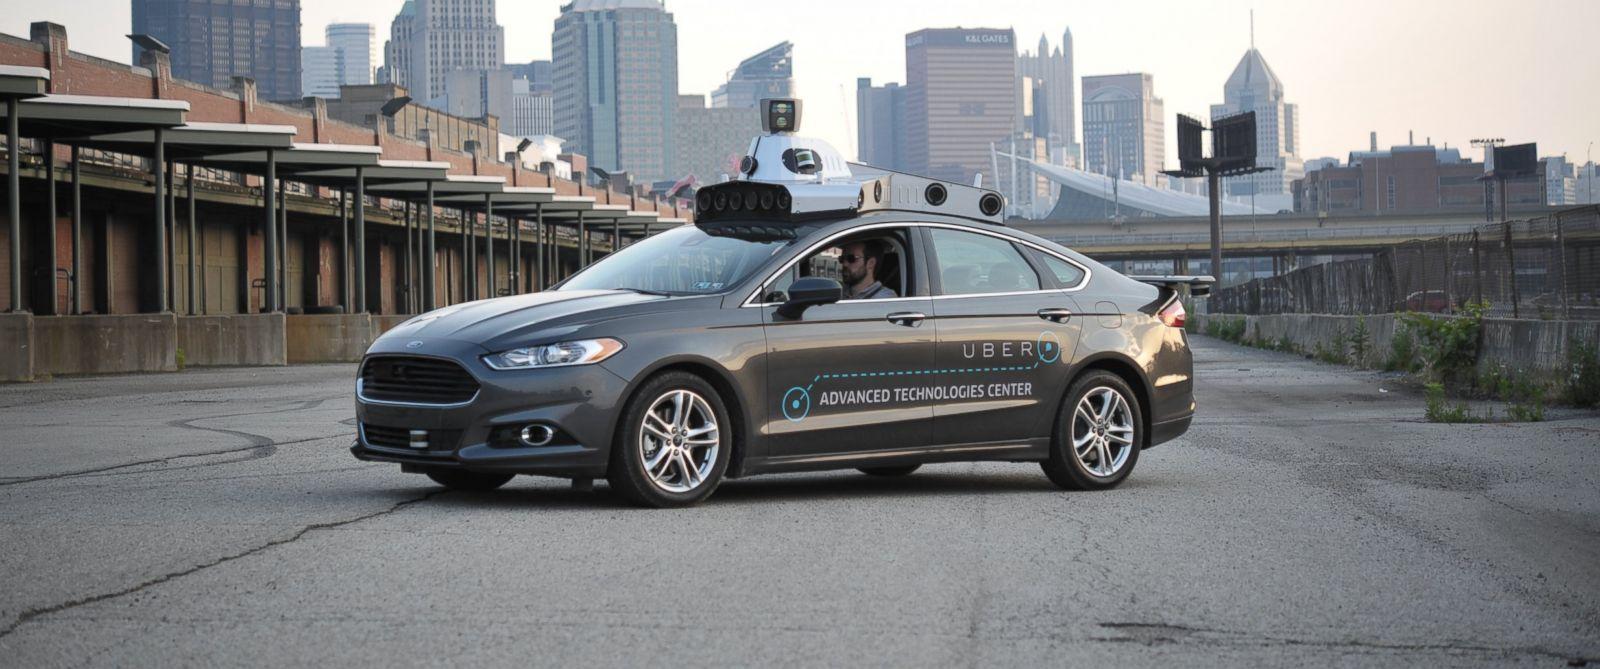 Uber comienza a utilizar vehículos autónomos